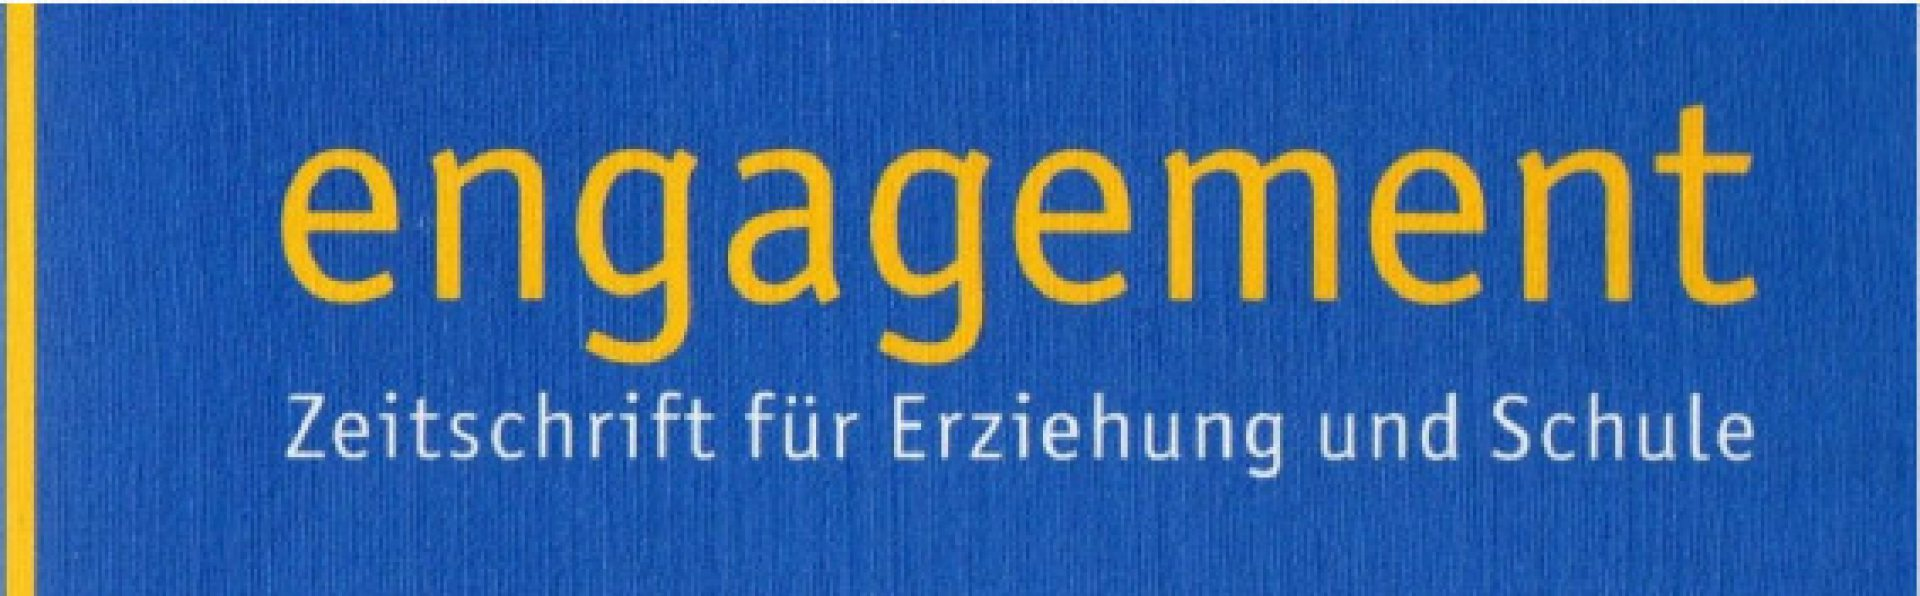 Image result for Engagement Zeitschrift für Erziehung und Schule